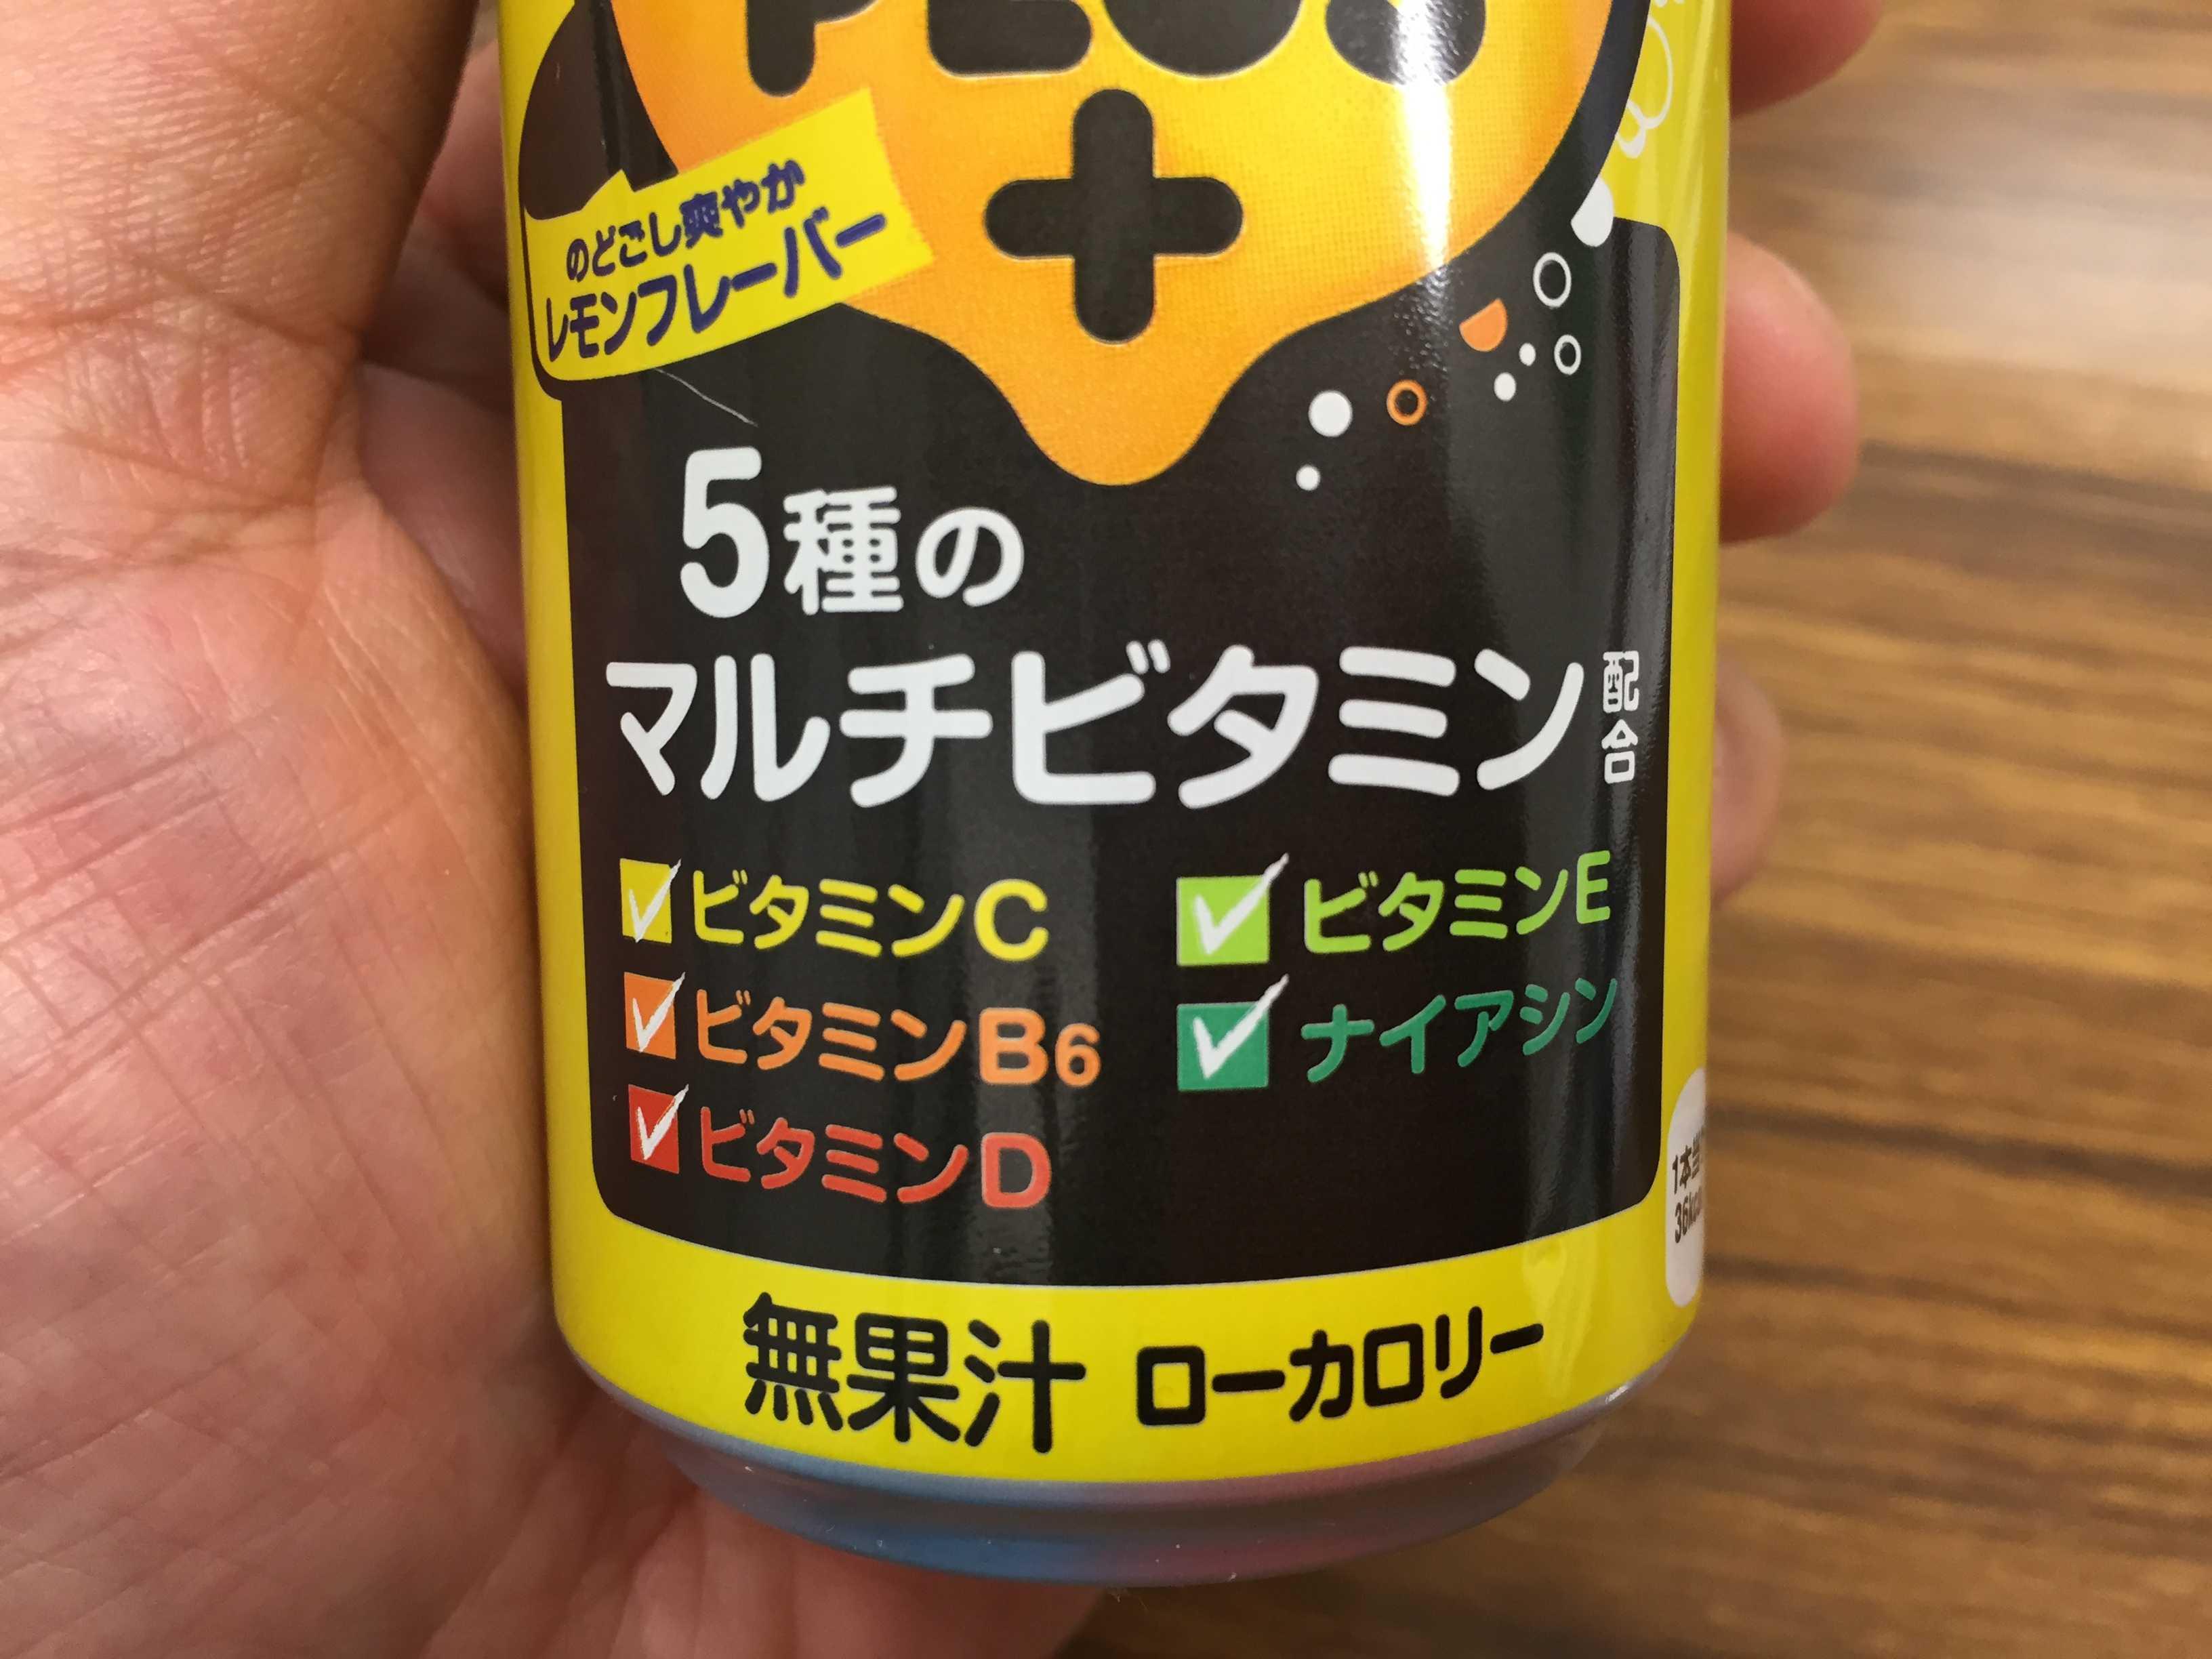 ファンタ スーパープラス(SUPER PLUS +)の 5種のマルチビタミン